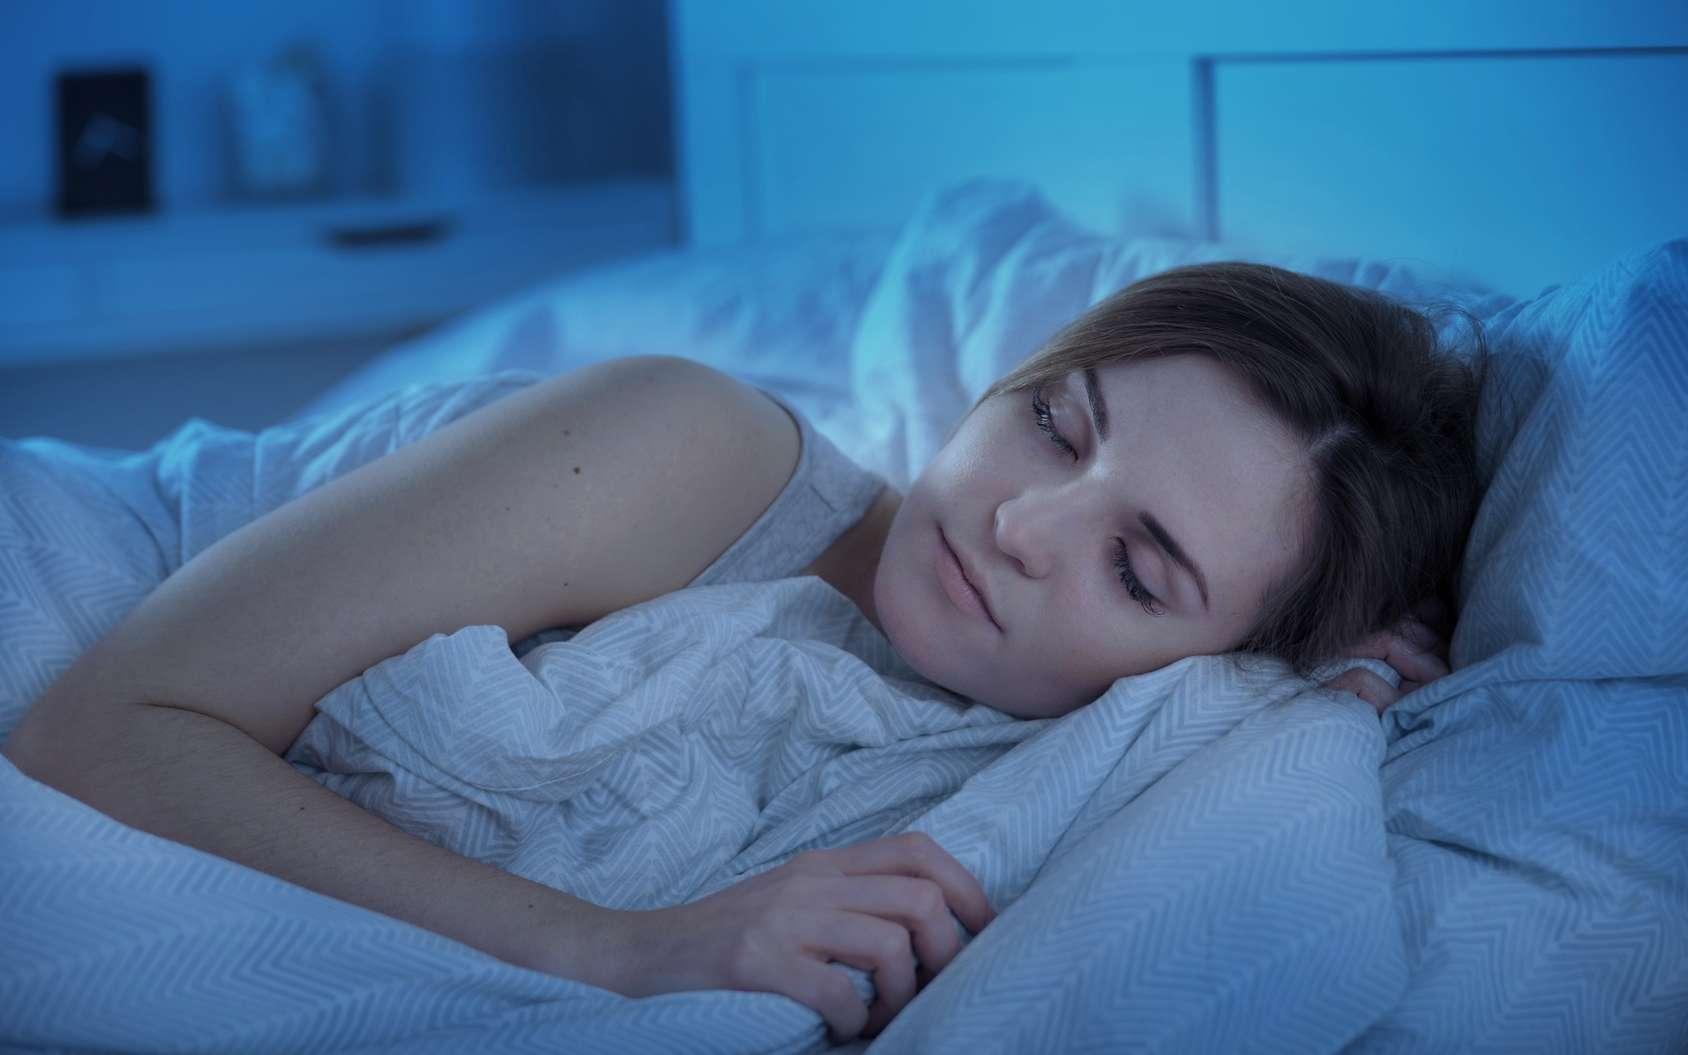 Le noyau VLPO est une zone du cerveau impliquée dans le sommeil lent. © leszekglasner, Fotolia